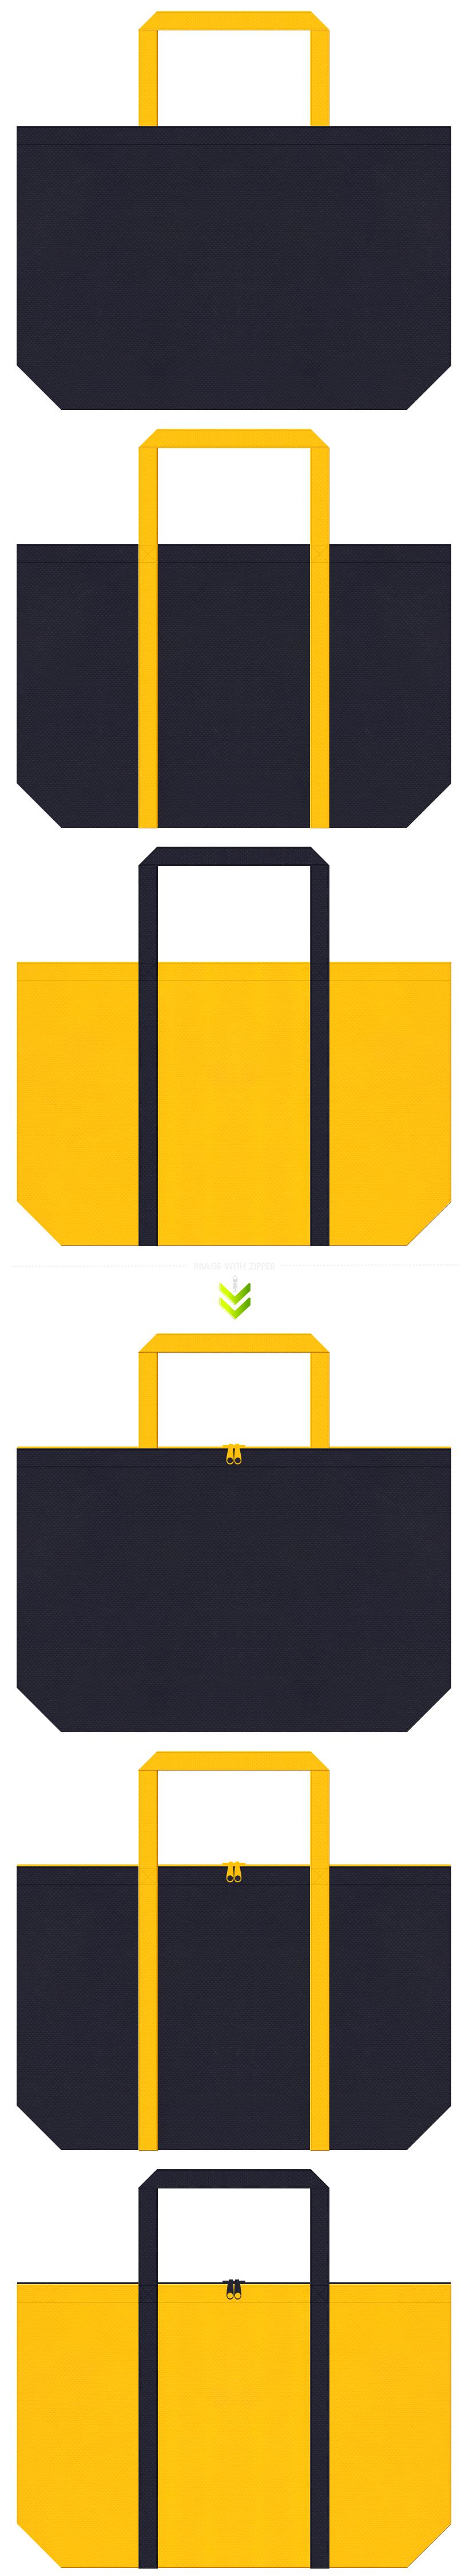 家電・電気・通信・釣具・ダイビング・スポーツ用品のショッピングバッグにお奨めの不織布バッグデザイン:濃紺色と黄色のコーデ